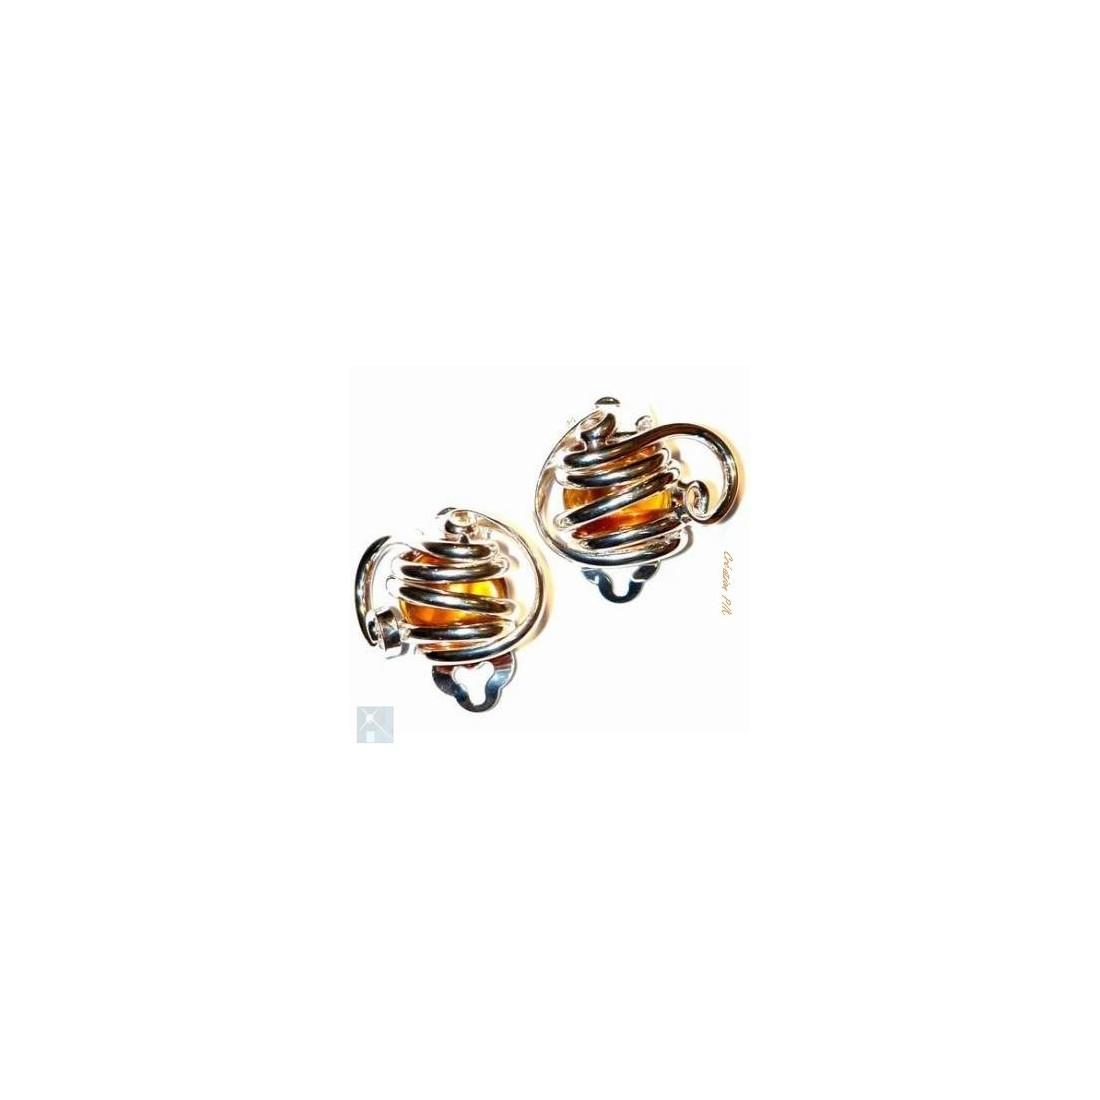 Boucles d'oreilles à clips, classiques, topaze.